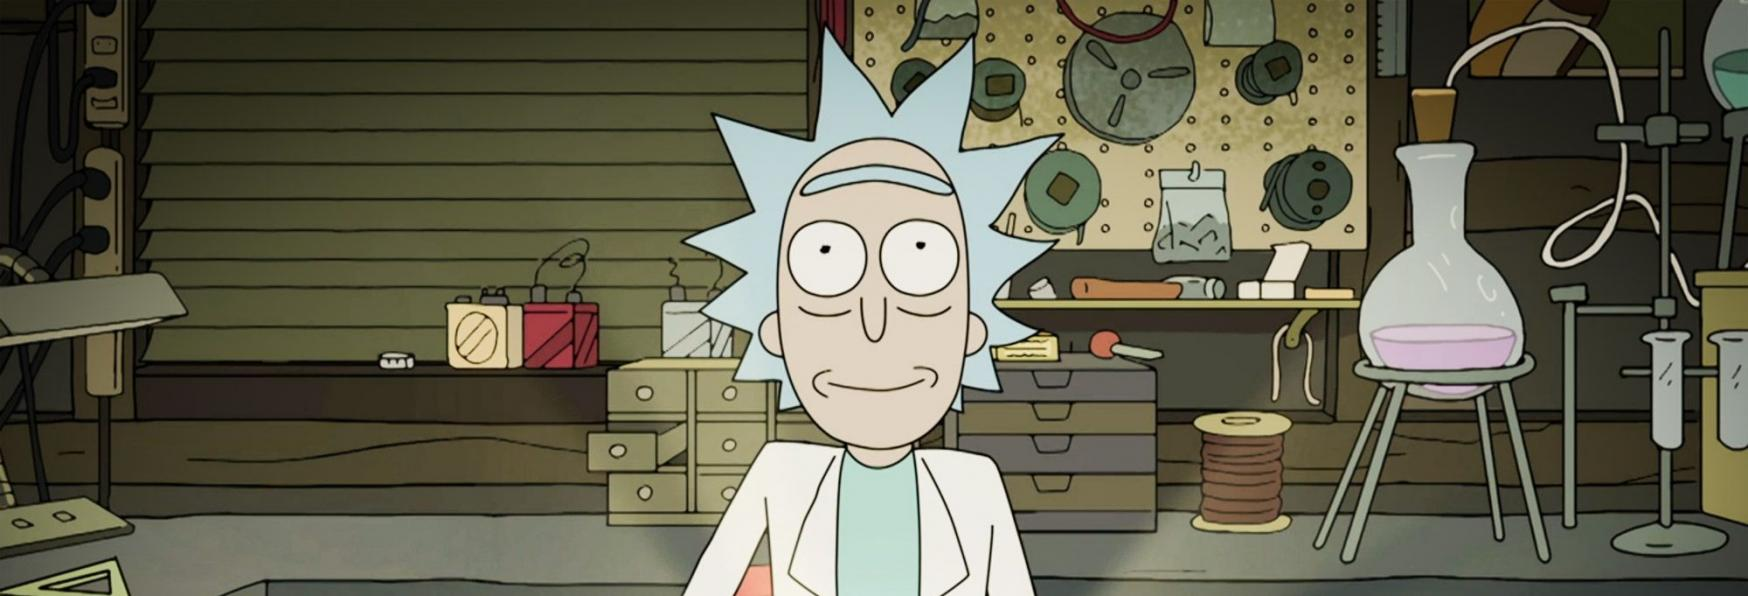 Rick and Morty: lo Showrunner spiega Perché non conosciamo l'Età di Rick (e degli altri Personaggi)